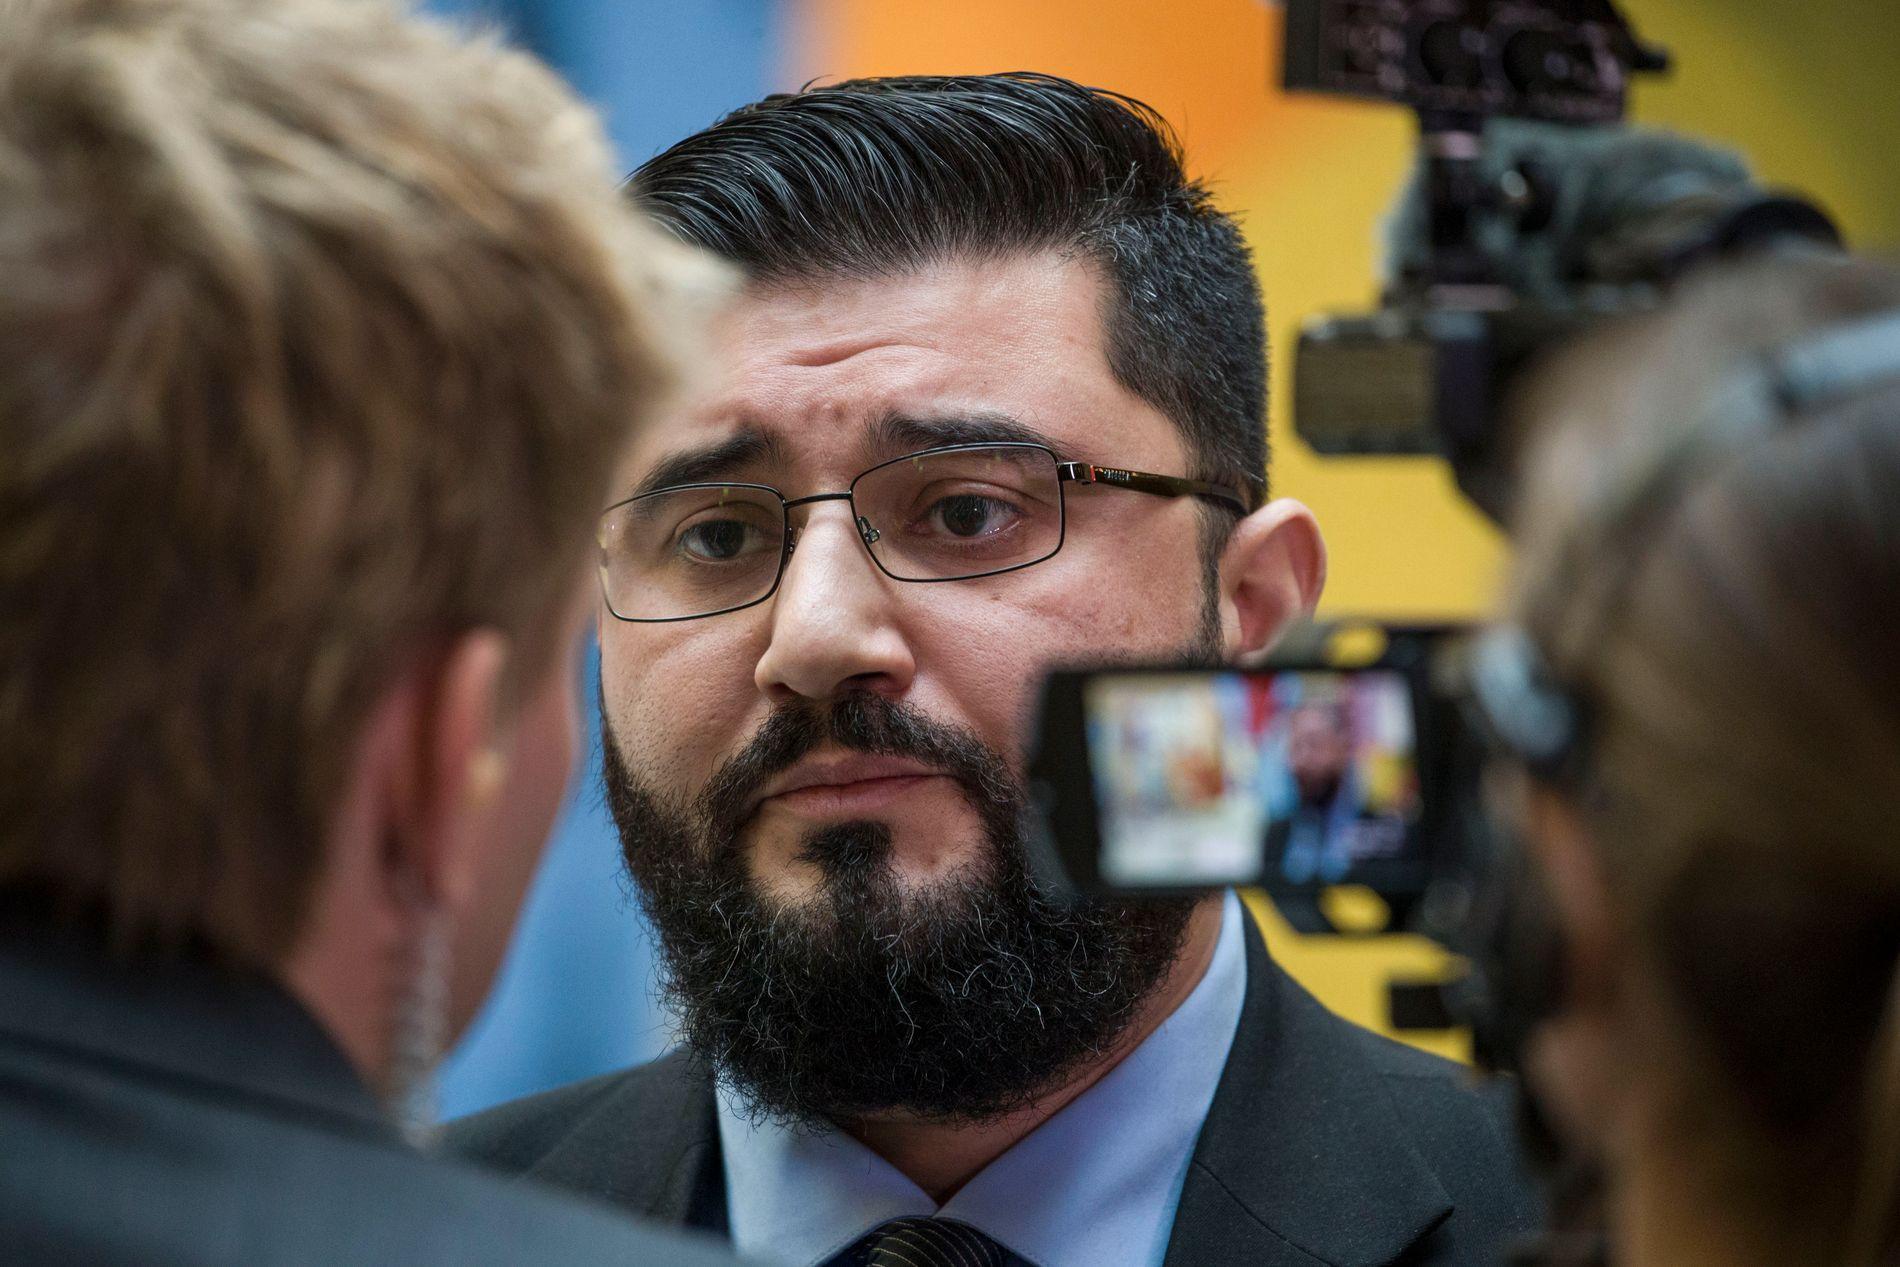 OPPRØRT OVER IRAN-TUR: Leder av Oslo Frp, Mazyar Keshvari.